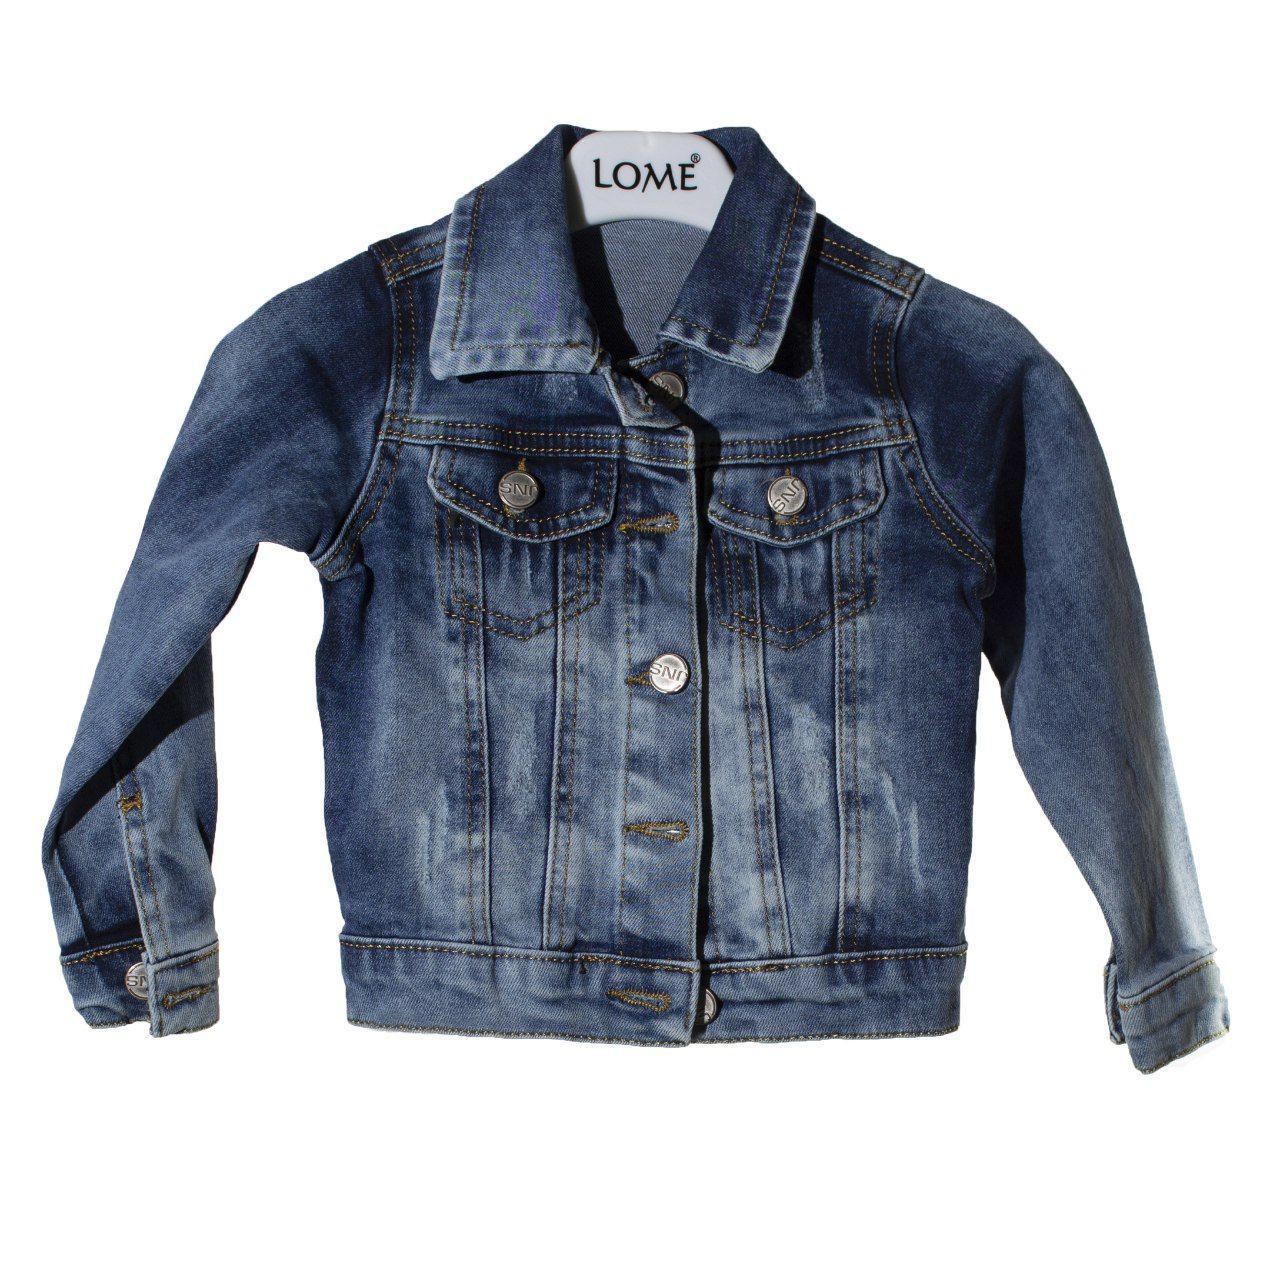 Джинсовая куртка для девочки, размеры 3, 4, 6, 7 лет